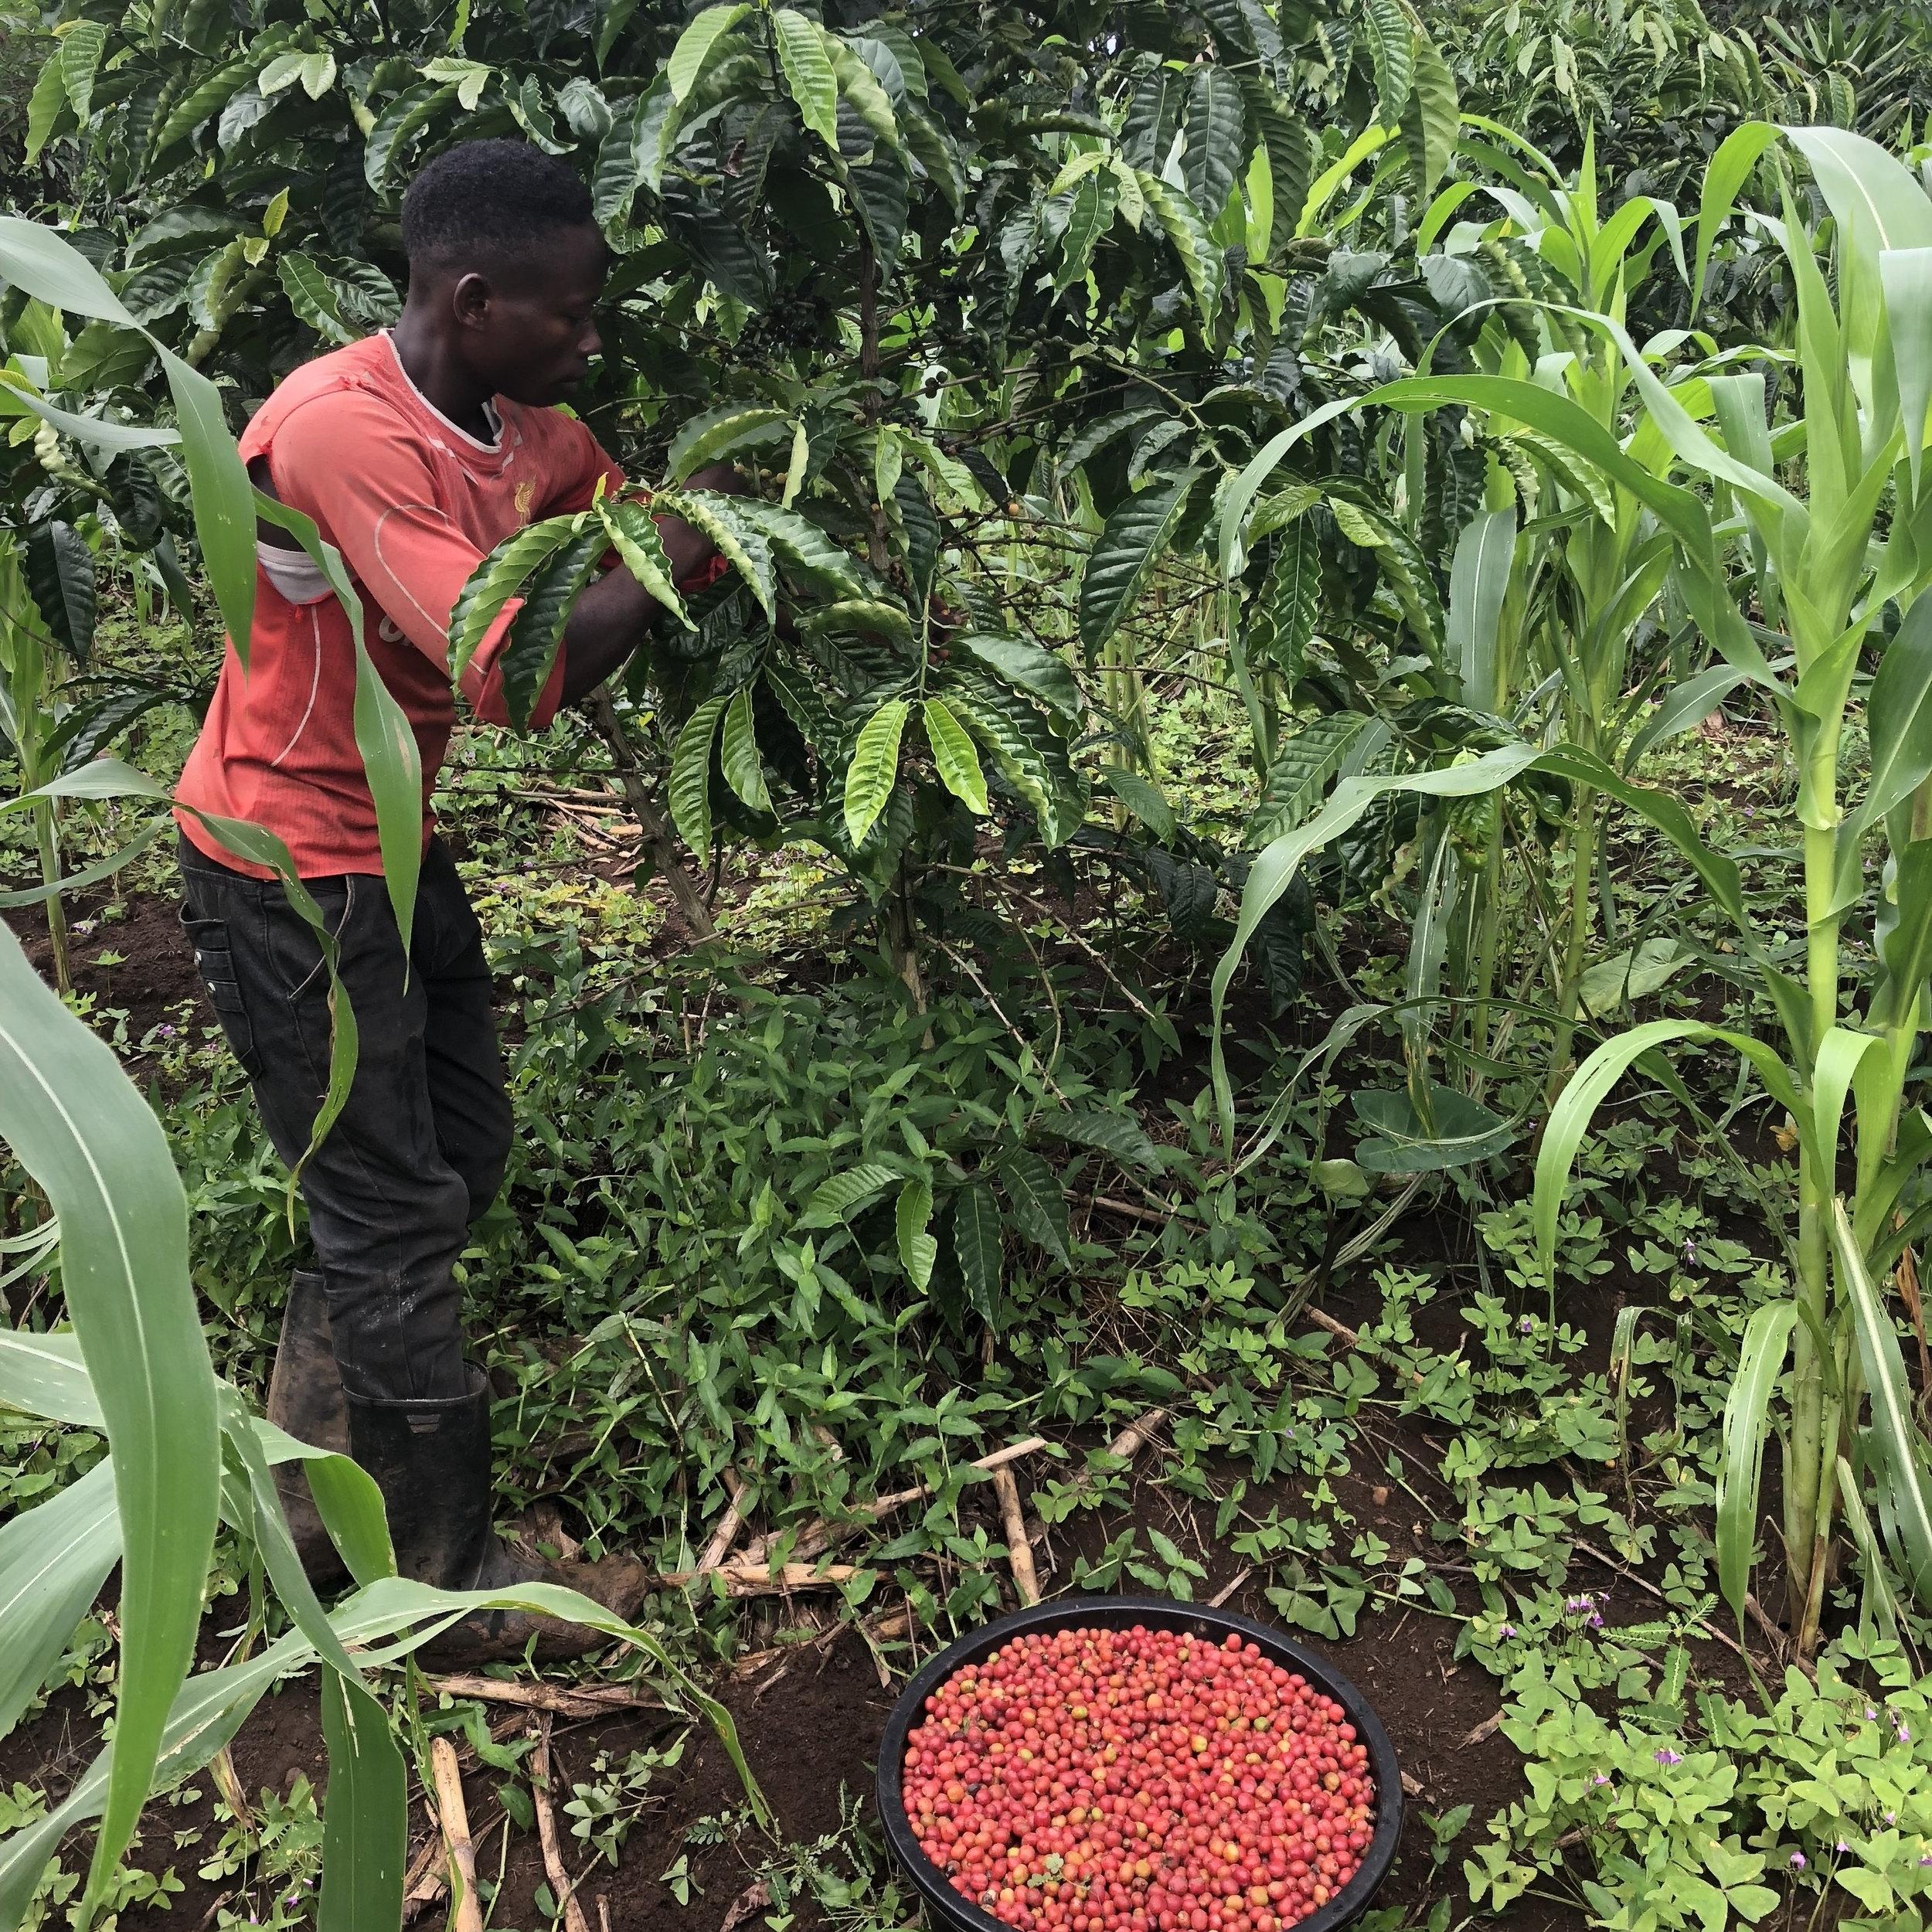 ...employed more than 70 ugandans -